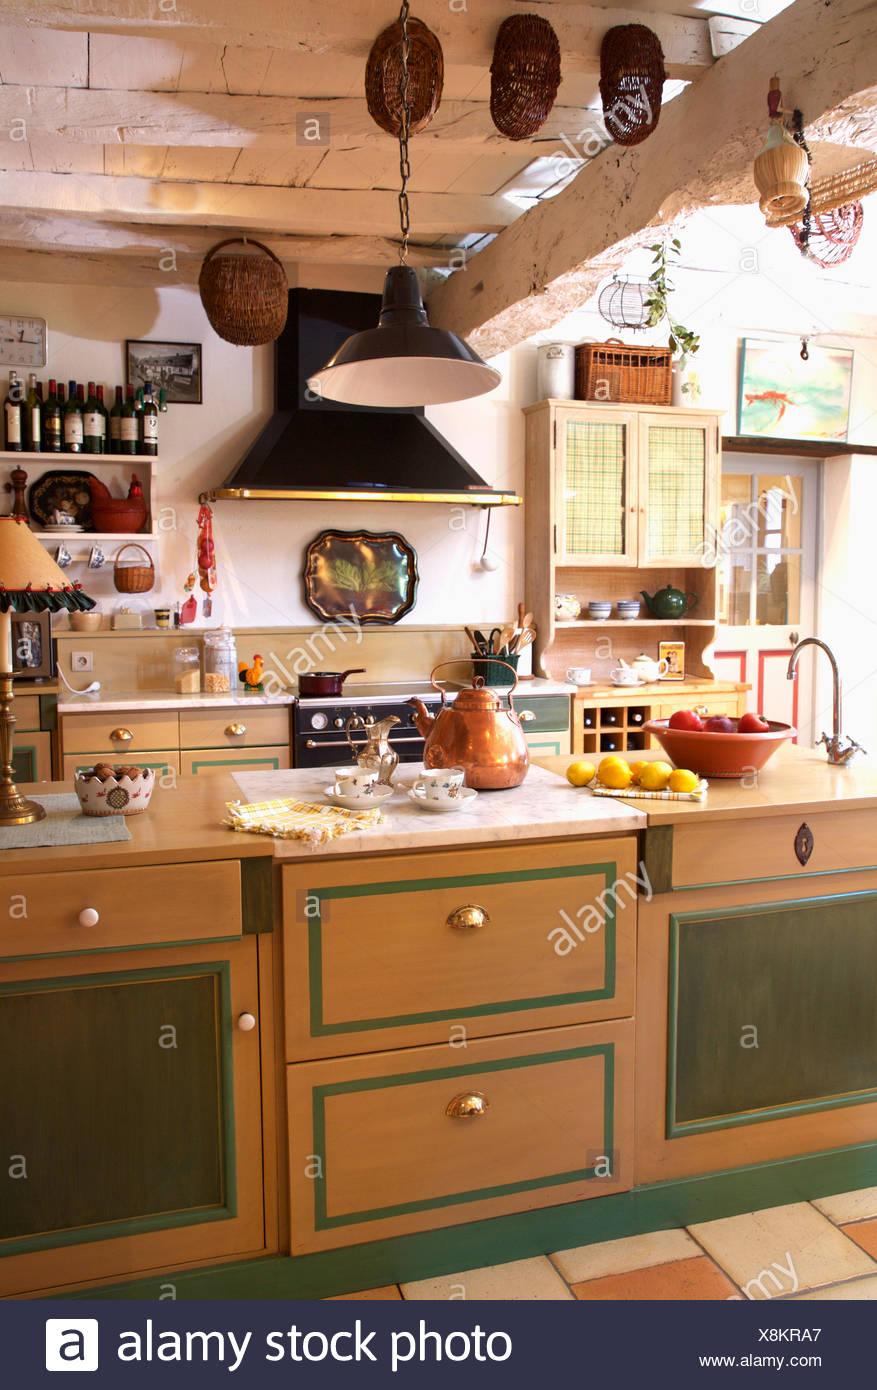 Vistoso Las Islas De Cocina Boos Inspiración - Ideas de Decoración ...